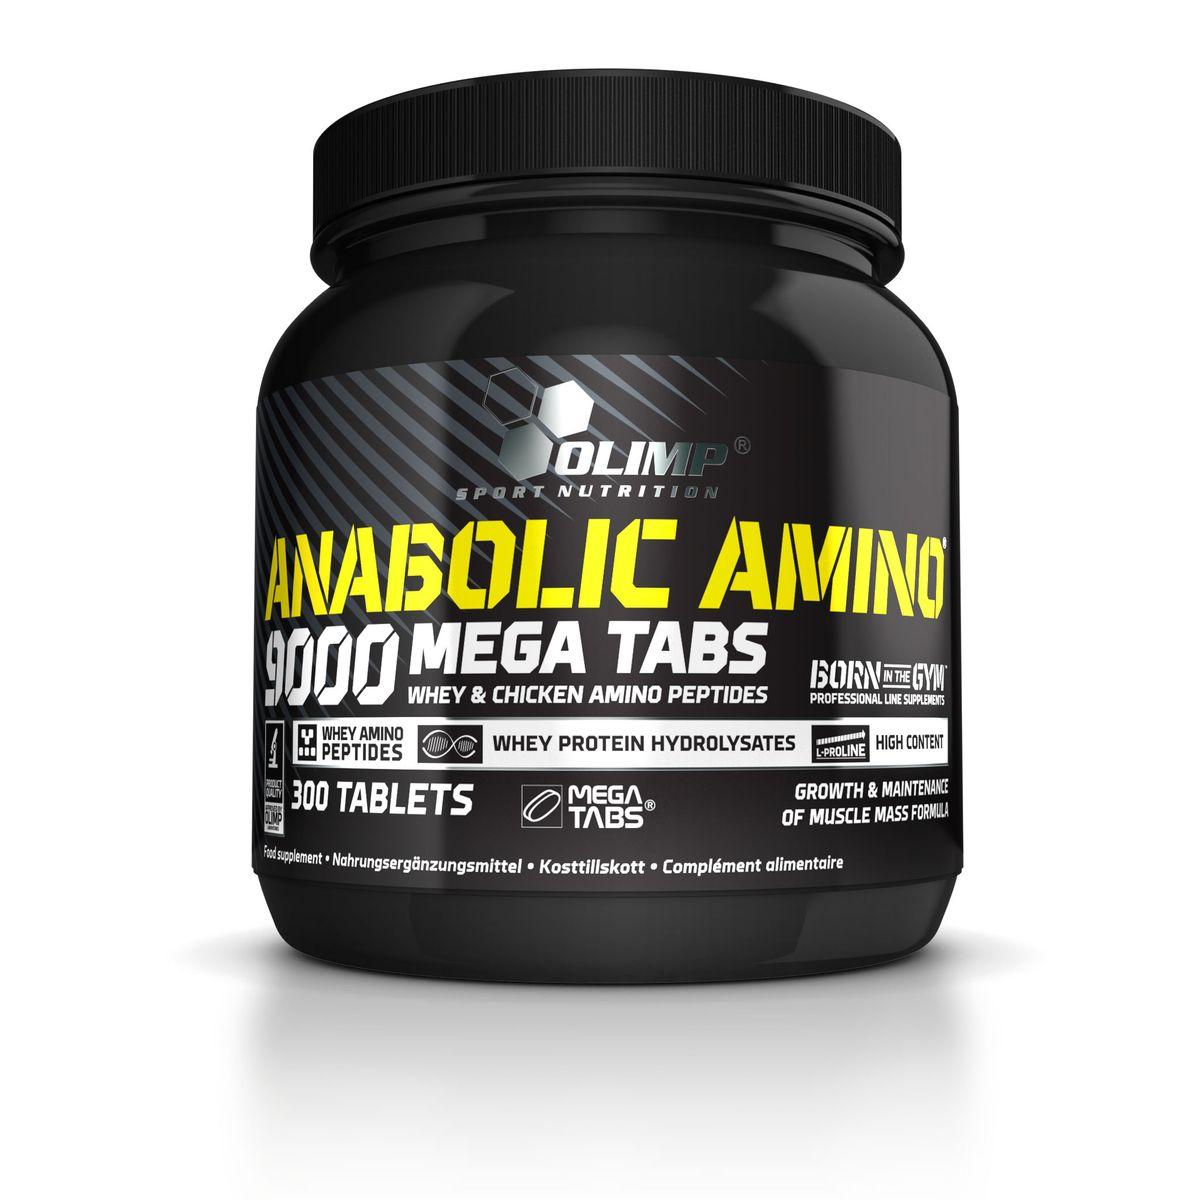 Аминокислотный комплекс Olimp Sport Nutrition Anabolic Amino 9000 Mega Tabs, 300 таблеток00559Olimp Sport Nutrition Anabolic Amino 9000 Mega Tabs - это комплекс аминокислот, в котором используются высочайшего класса гидролизаты белков животного происхождения двух типов - сывороточного белка и яичного белка. Эта комбинация обеспечивает аминокислотный профиль, который никогда ранее не встречался в добавках на основе гидролизата белка. Использование гидролизованного яичного белка увеличивает концентрацию некоторых аминокислот в несколько раз, а именно: содержание глицина в 6 раз, L-аргинин в 2 раза, L-пролин в 1,8 и L-аланин в 1,4. Глицин принимает участие в передаче импульсов в ЦНС, являясь нейротрансмиттером (активатором NMDA рецепторов), а также является основой для синтеза нуклеиновых кислот (которые необходимы для синтеза белка) и способствует нормализации кроветворного процесса. L-аланин, в дополнение к своей функции синтеза структурного белка, используется печенью для синтеза глюкозы, что позволяет защитить мышцы от катаболизма во время нагрузок (в случае приема перед тренировкой) и способствует быстрому пополнению энергетических запасов и синтезу протеина (в случае приема после тренировки). Более высокое содержание в составе L-аргинина, в сравнении с обычным (имеющимся в настоящее время на рынке) гидролизатом протеина, вызывает увеличение синтеза окиси азота, способствующего улучшению циркуляции крови в мышцах и повышении снабжения их питательными веществами.В дополнение ко всему, повышенное содержание аргинина стимулирует выработку гормона роста, что особенно важно для эффективного после тренировочного восстановления. Также важное значение имеет и то обстоятельство, что L-аргинин, являясь щелочной аминокислотой, играет важную роль в поддержании кислотно-щелочного баланса организма, состояние которого подвергается существенным колебаниям во время интенсивных силовых тренировок. Именно поэтому высокое содержание L-аргинина в составе Anabolic Amino 9000 имеет так